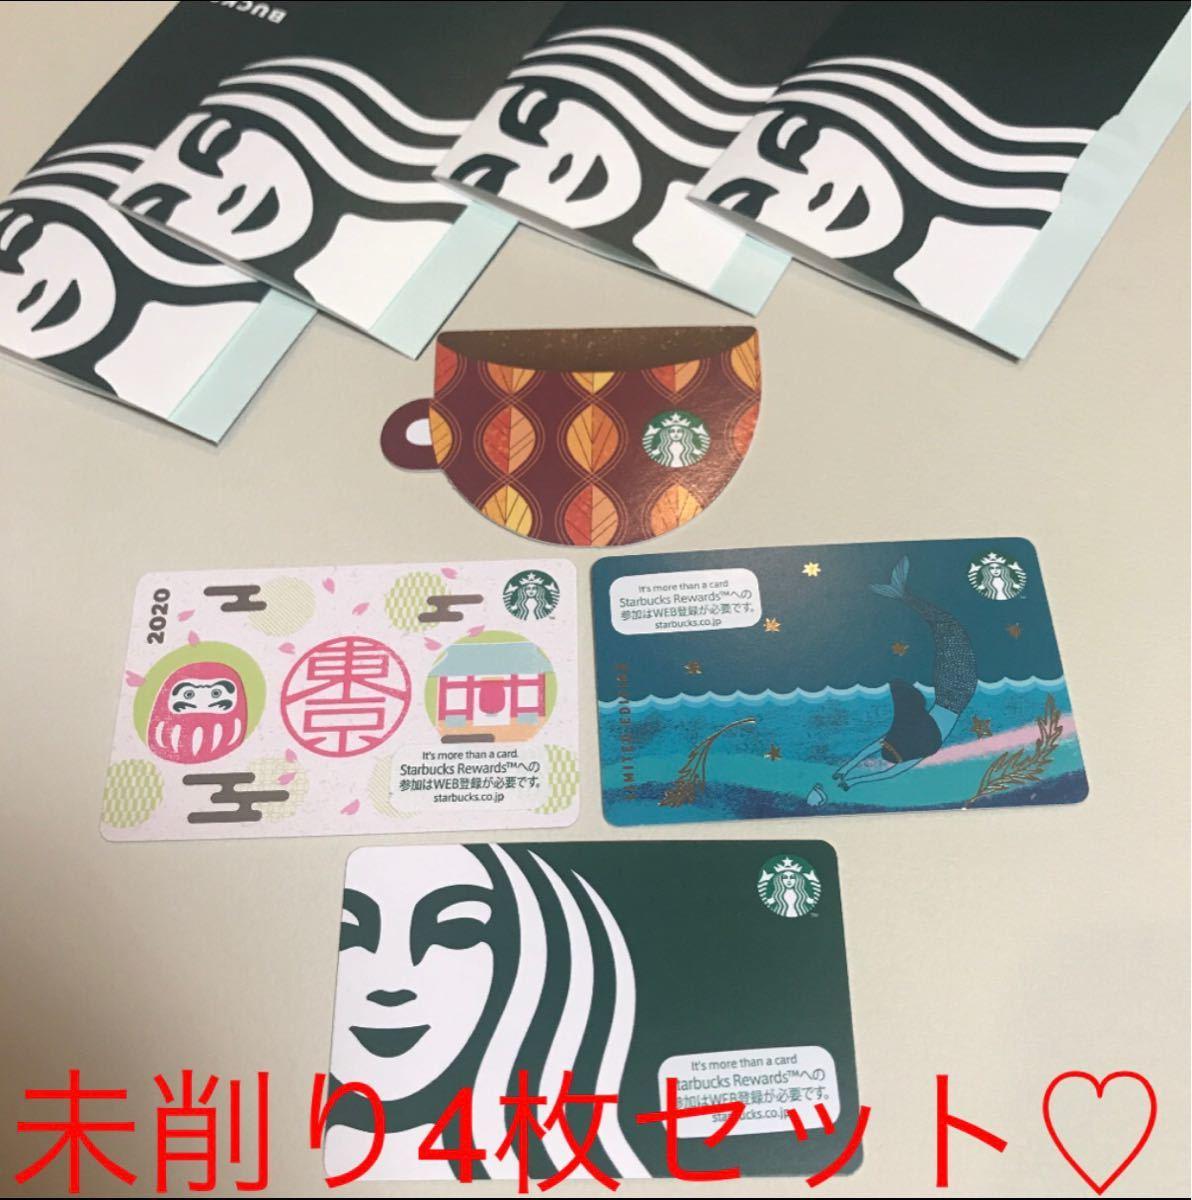 限定デザイン スターバックスカード スタバカード 4枚セット 封筒付き!